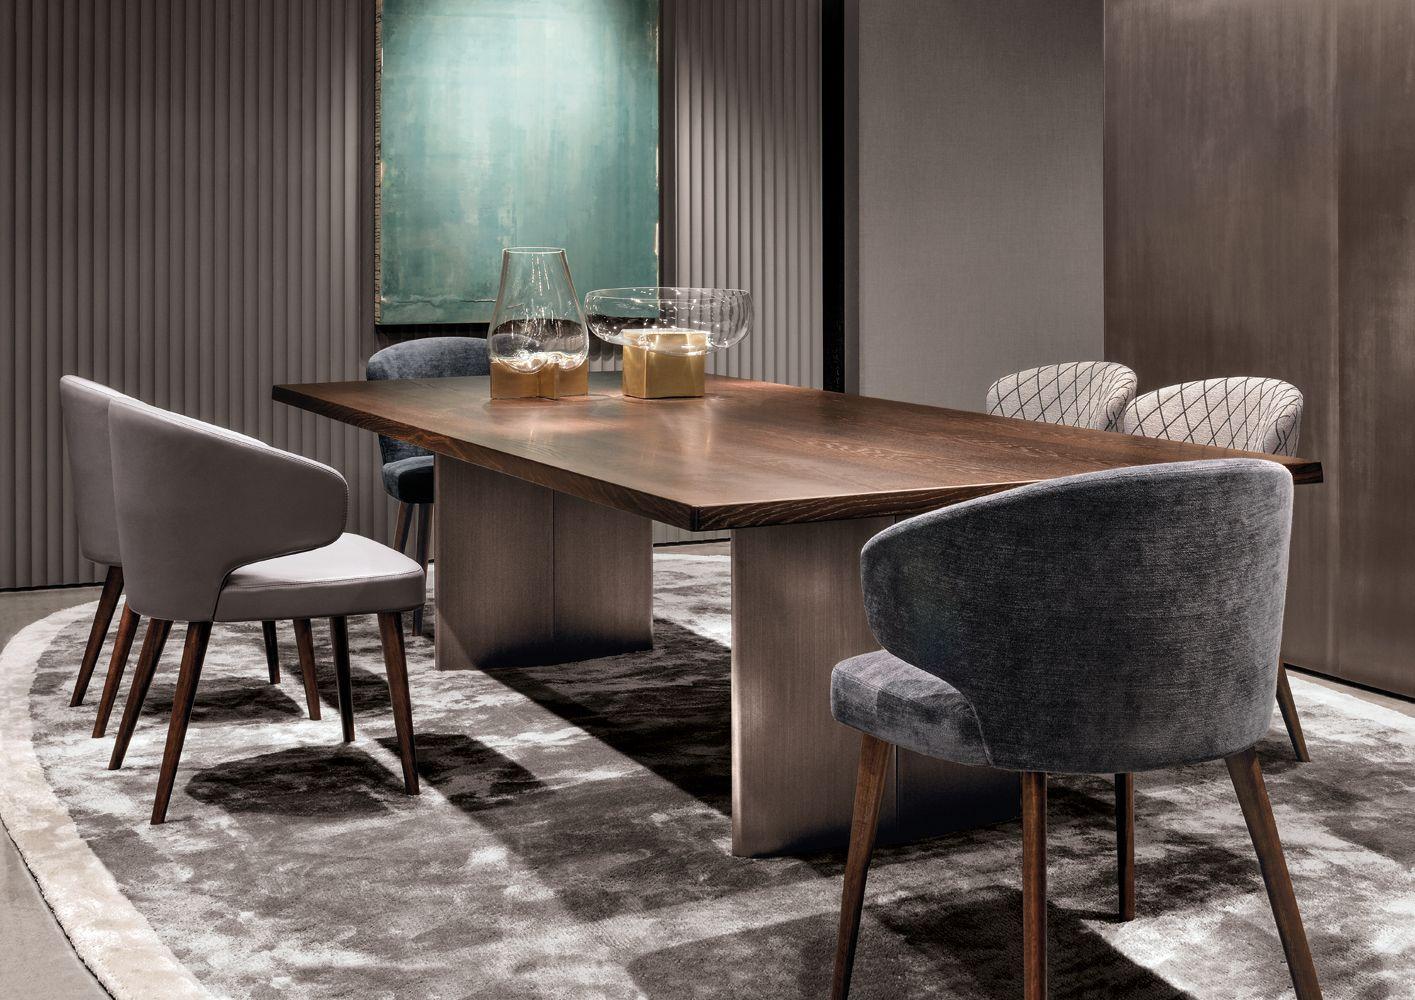 Minotti Ipad Aston Chair Chairs En Aston Dining